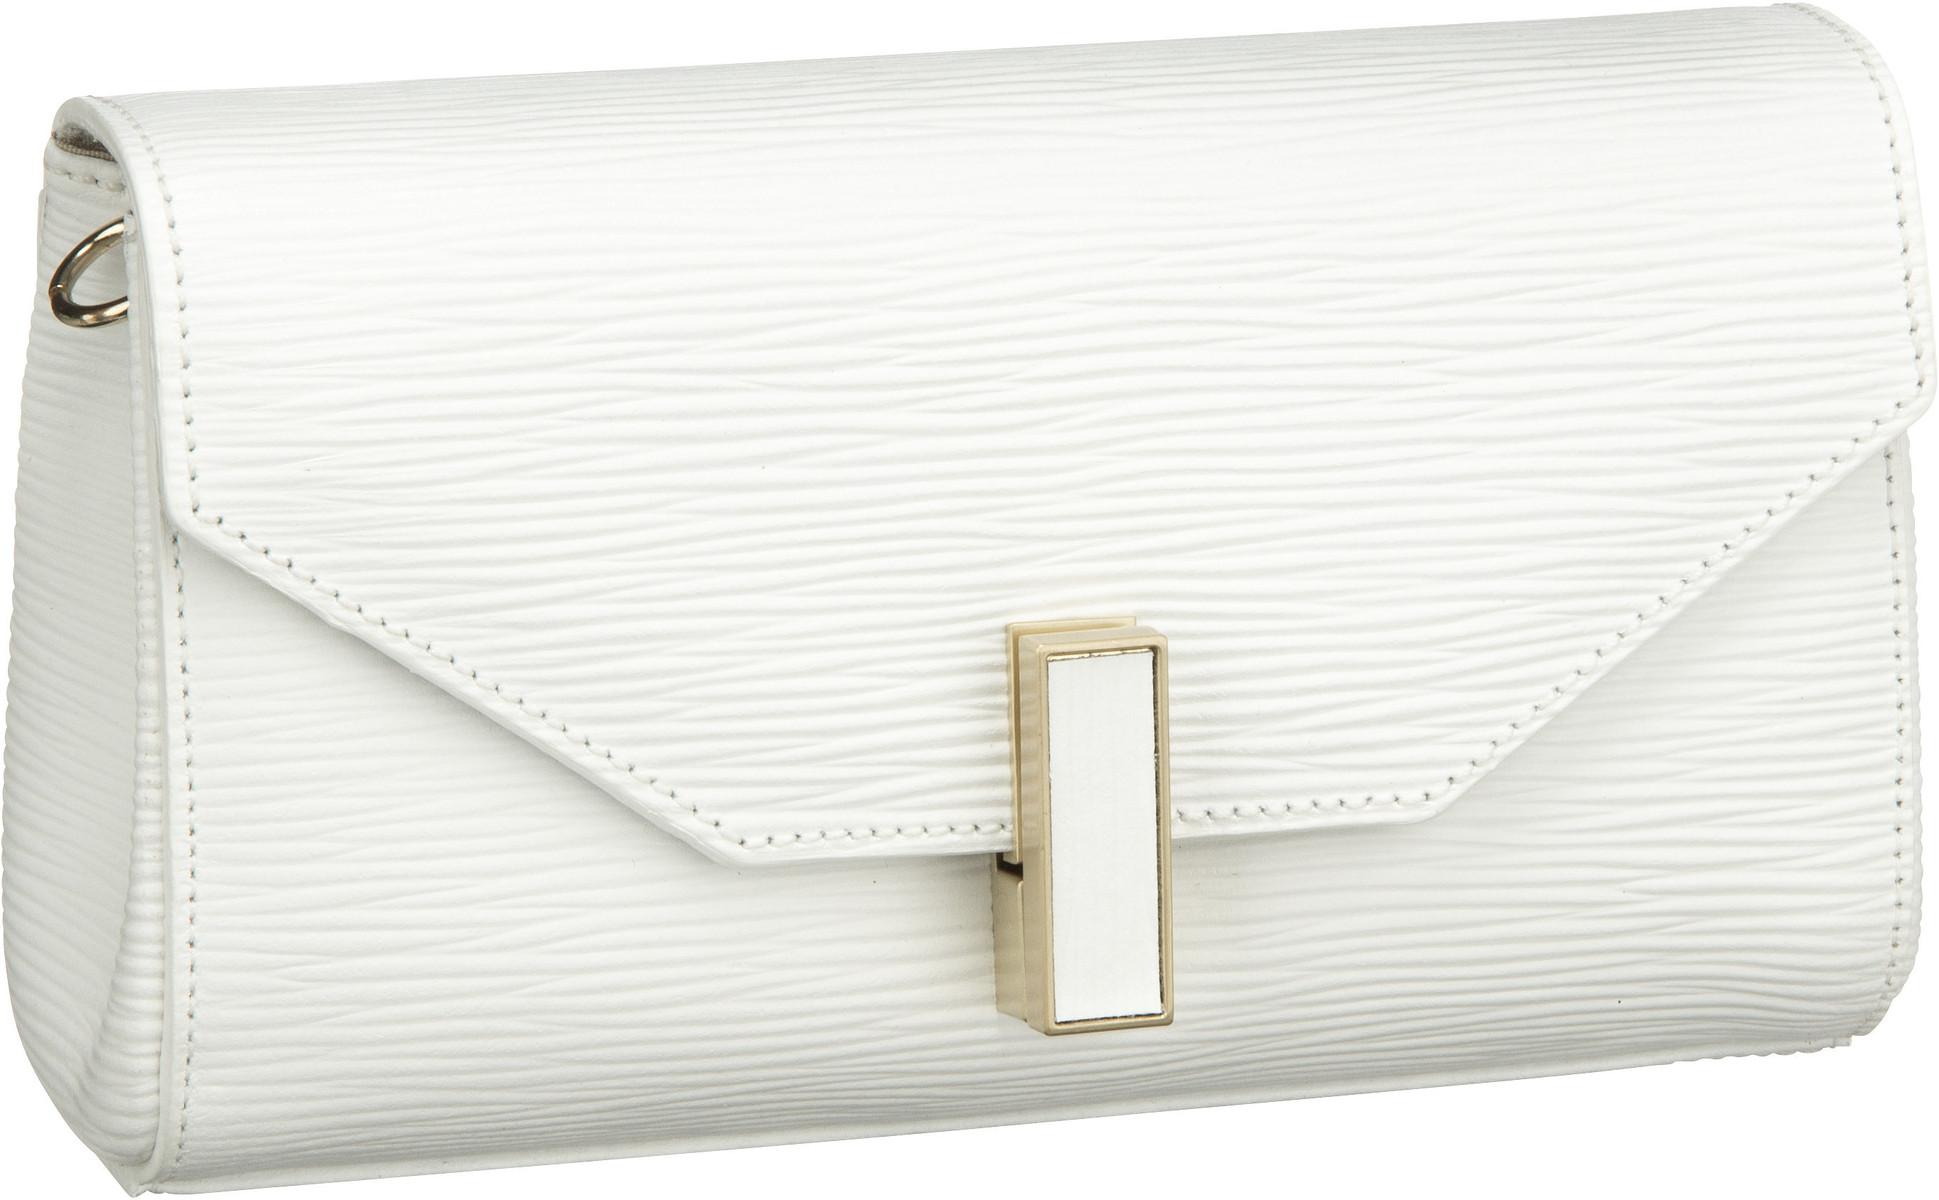 Handtasche Vanity 4835 Weiß